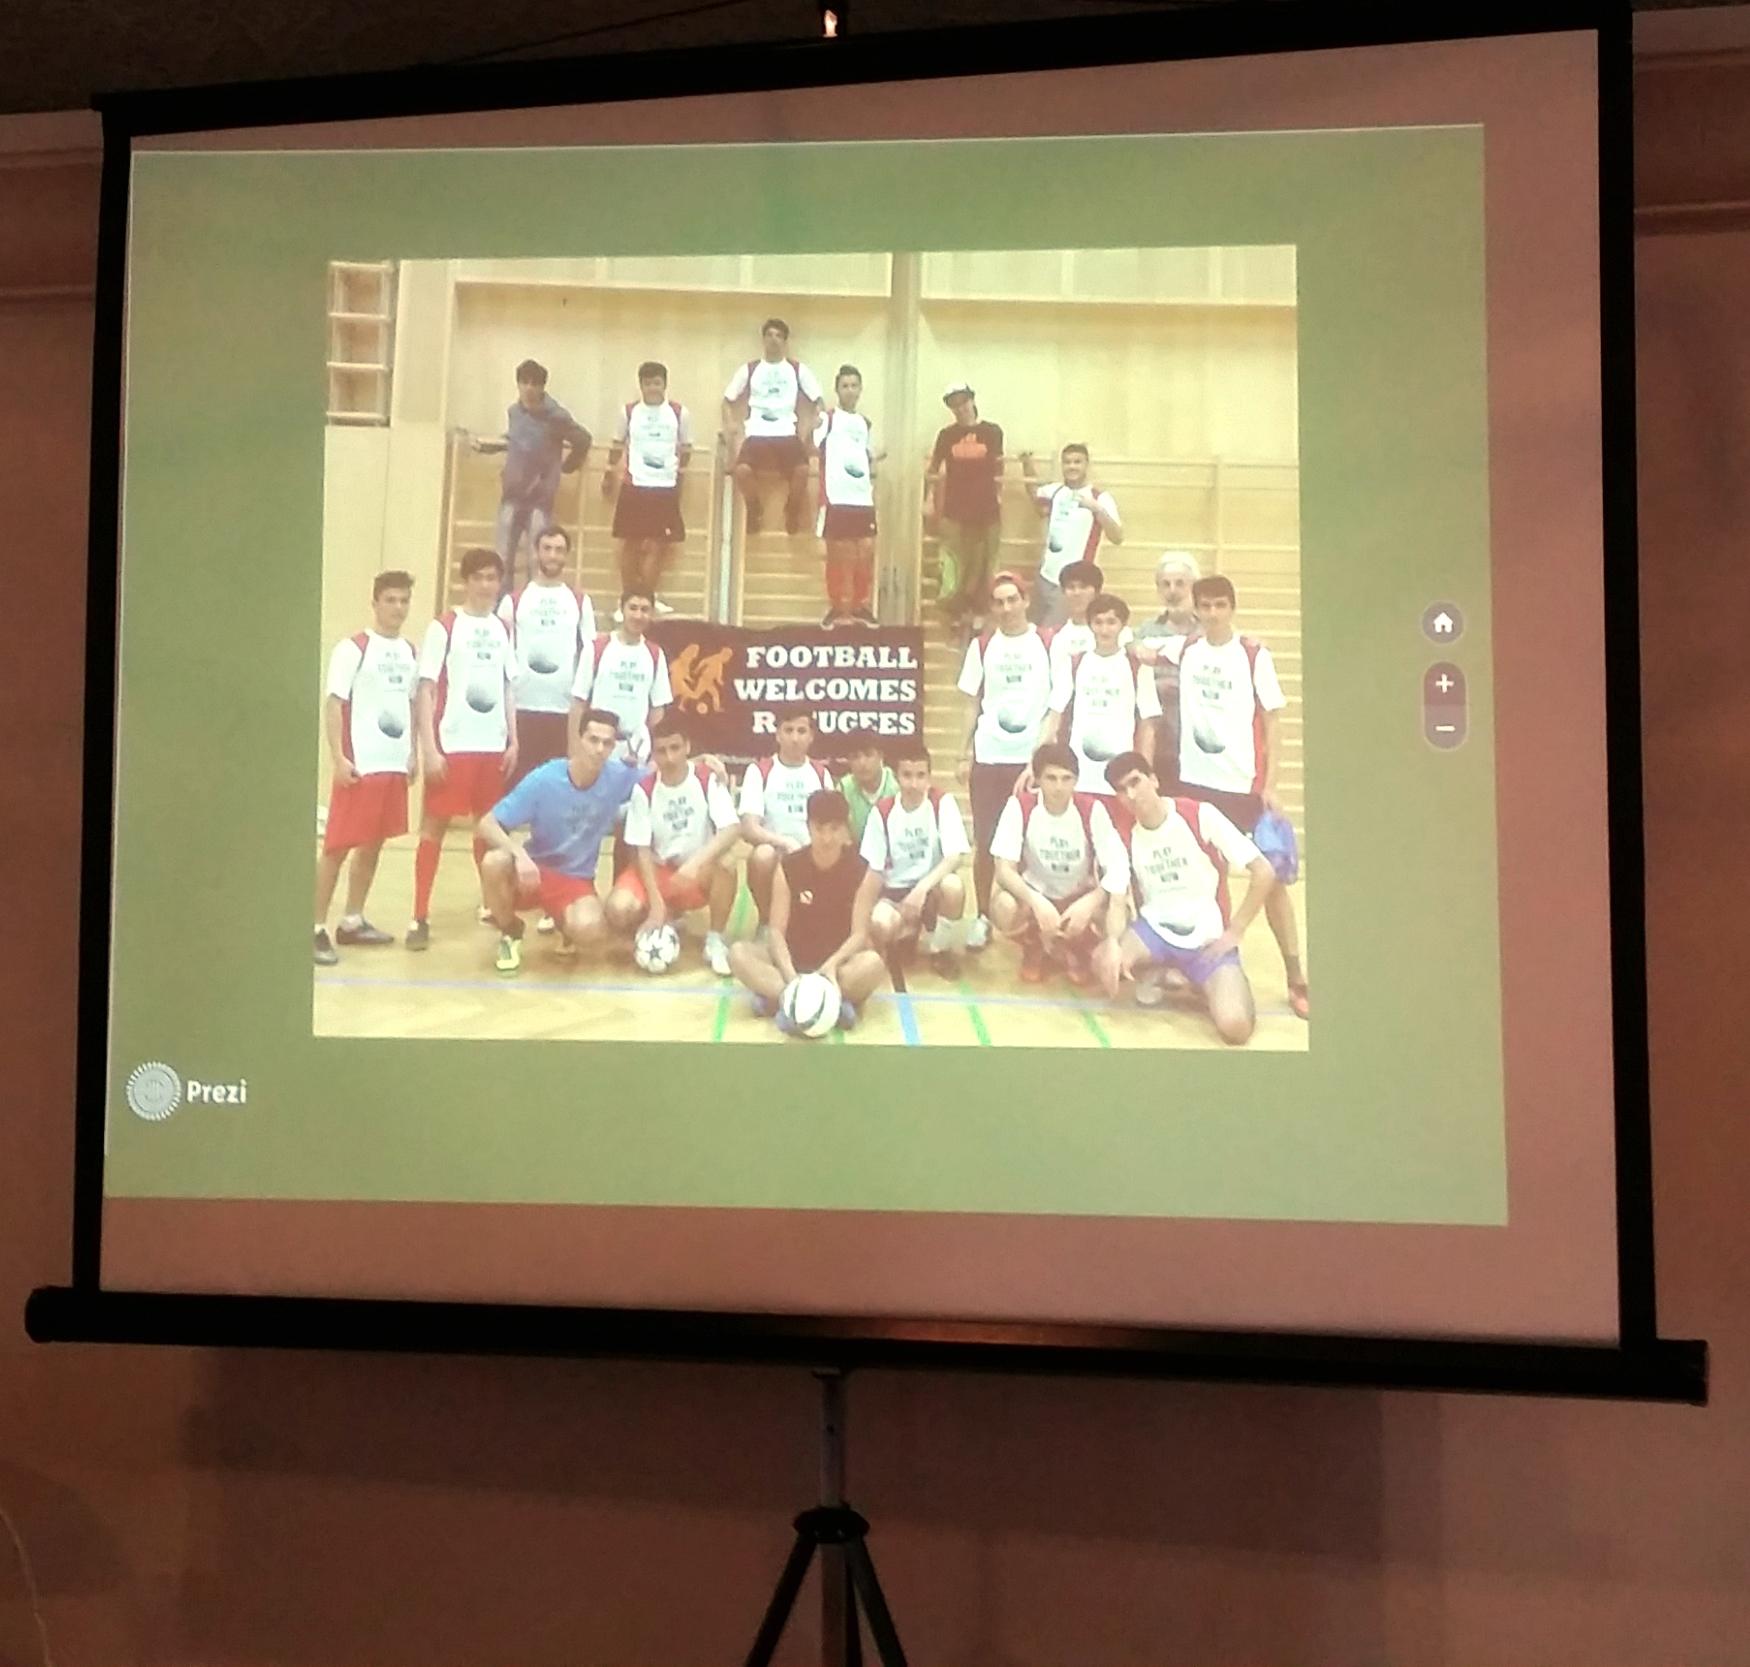 20160604-FootballWelcomesRefugees-III